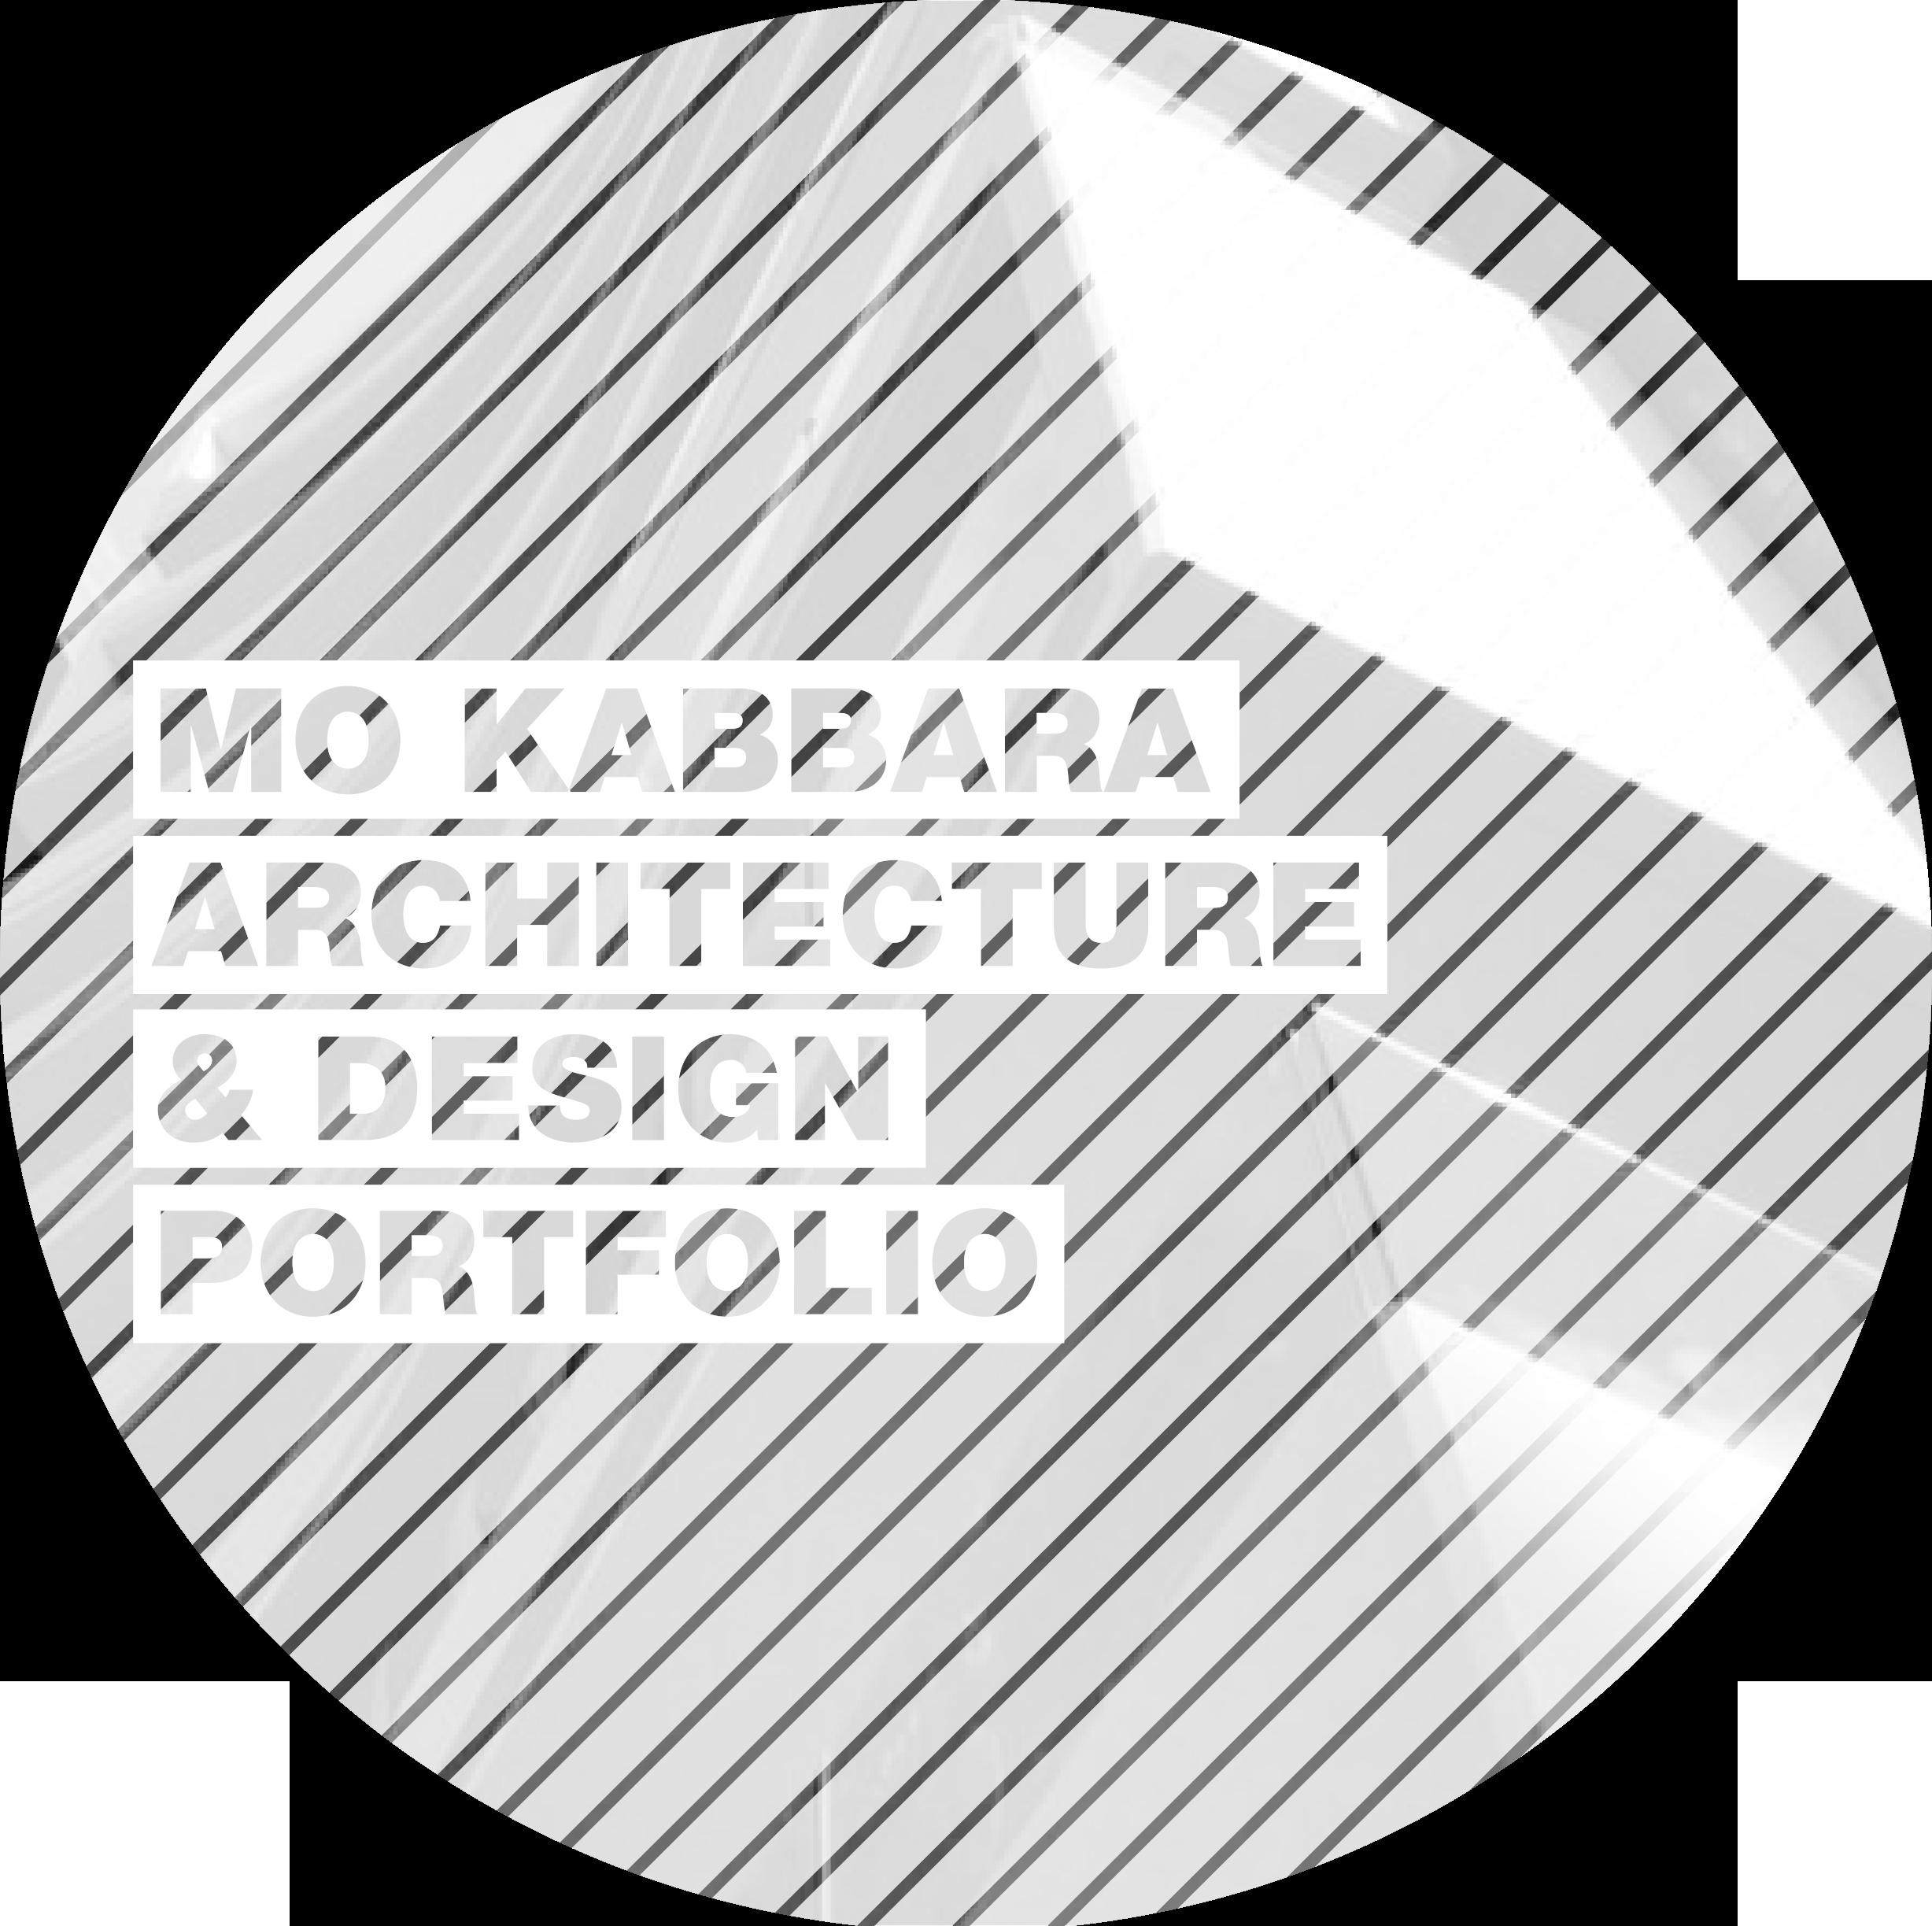 Arch M.O. Kabbara